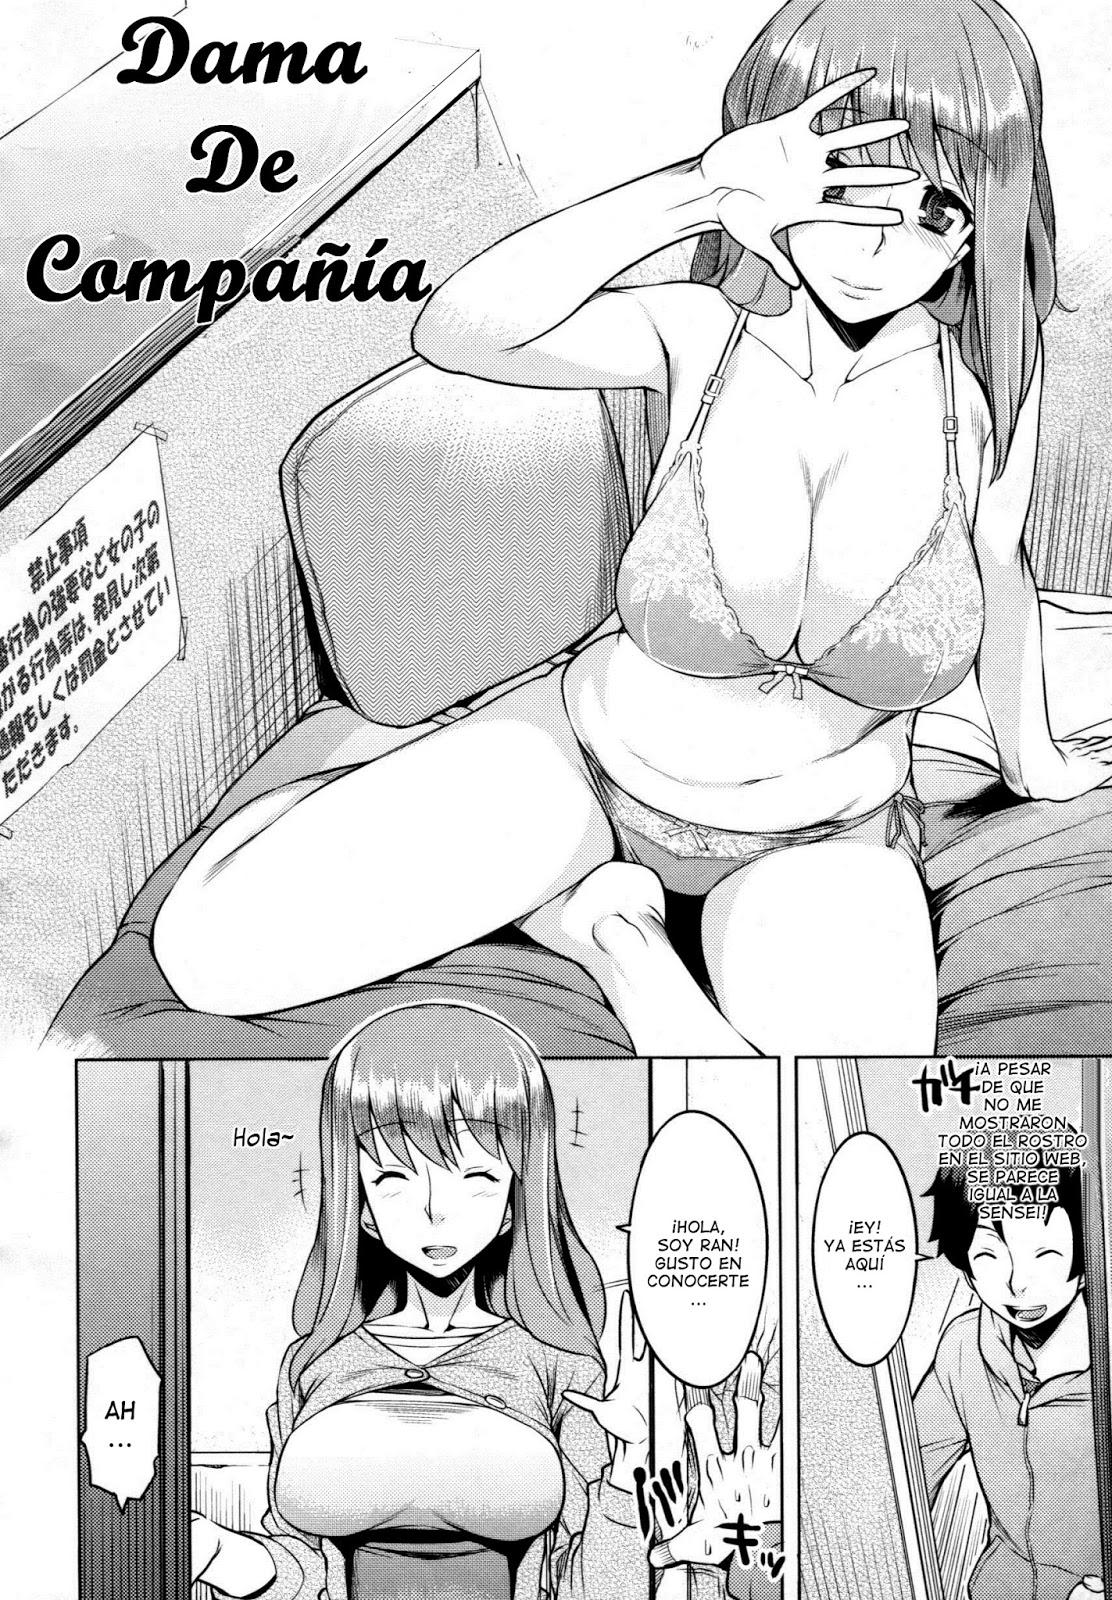 paginas de damas de compañia hombre heterosexual